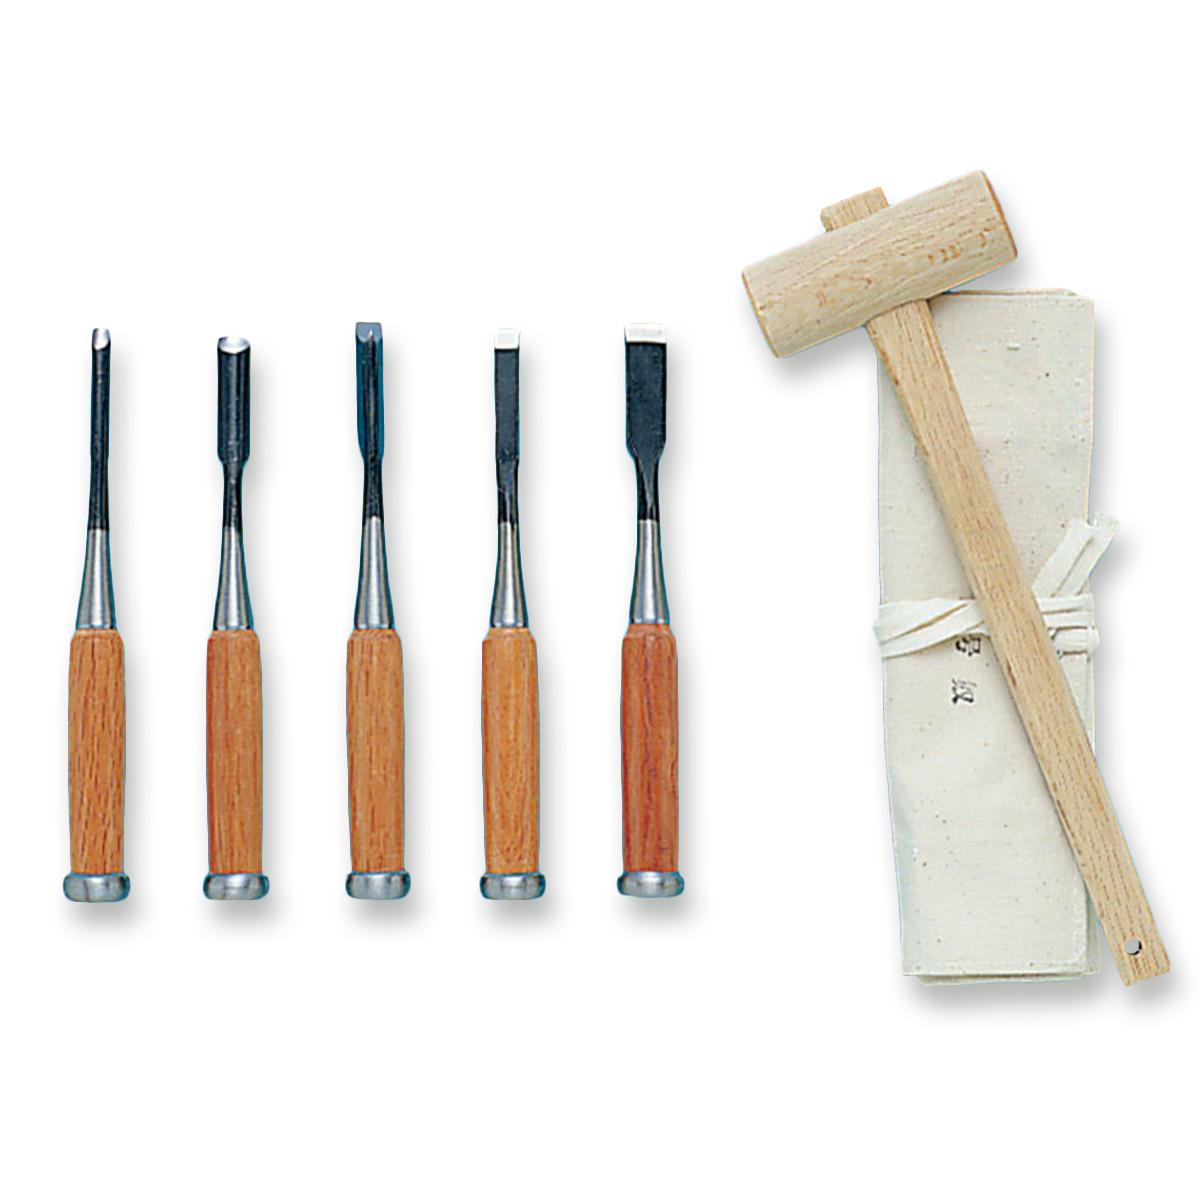 木彫用具一式 5丁組 【 木工 木彫 木工具 のみ 木づち セット 】